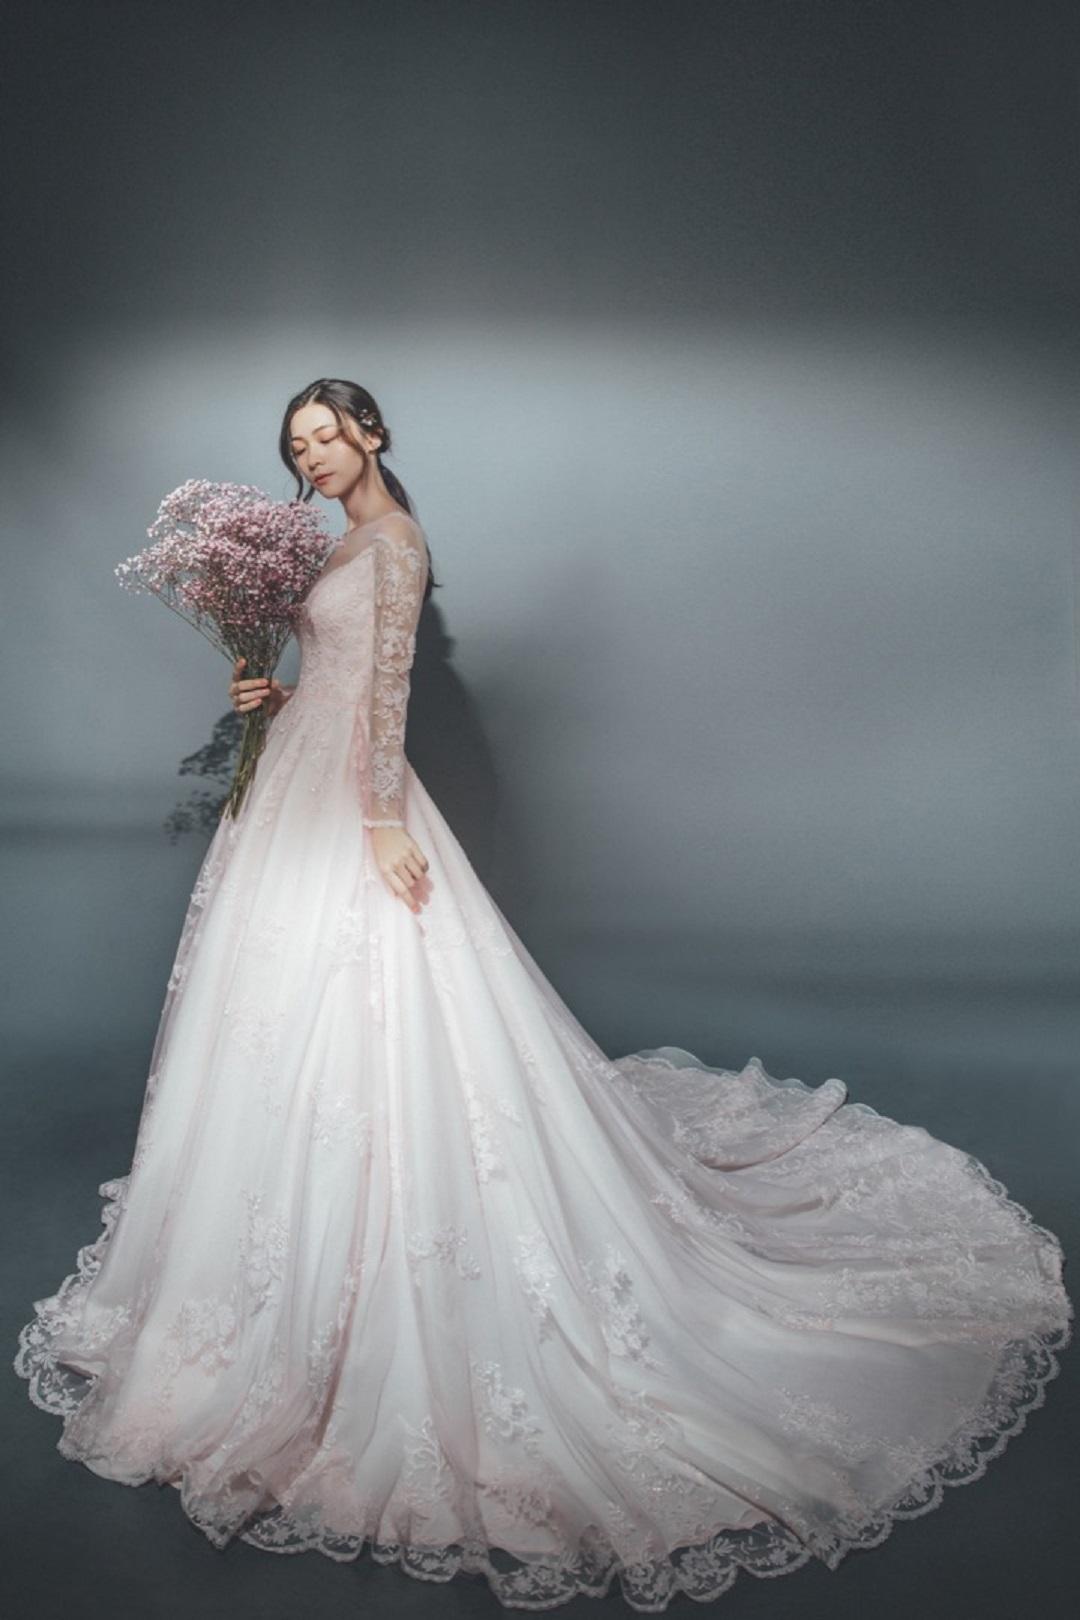 薇薇新娘婚紗攝影 婚紗禮服12